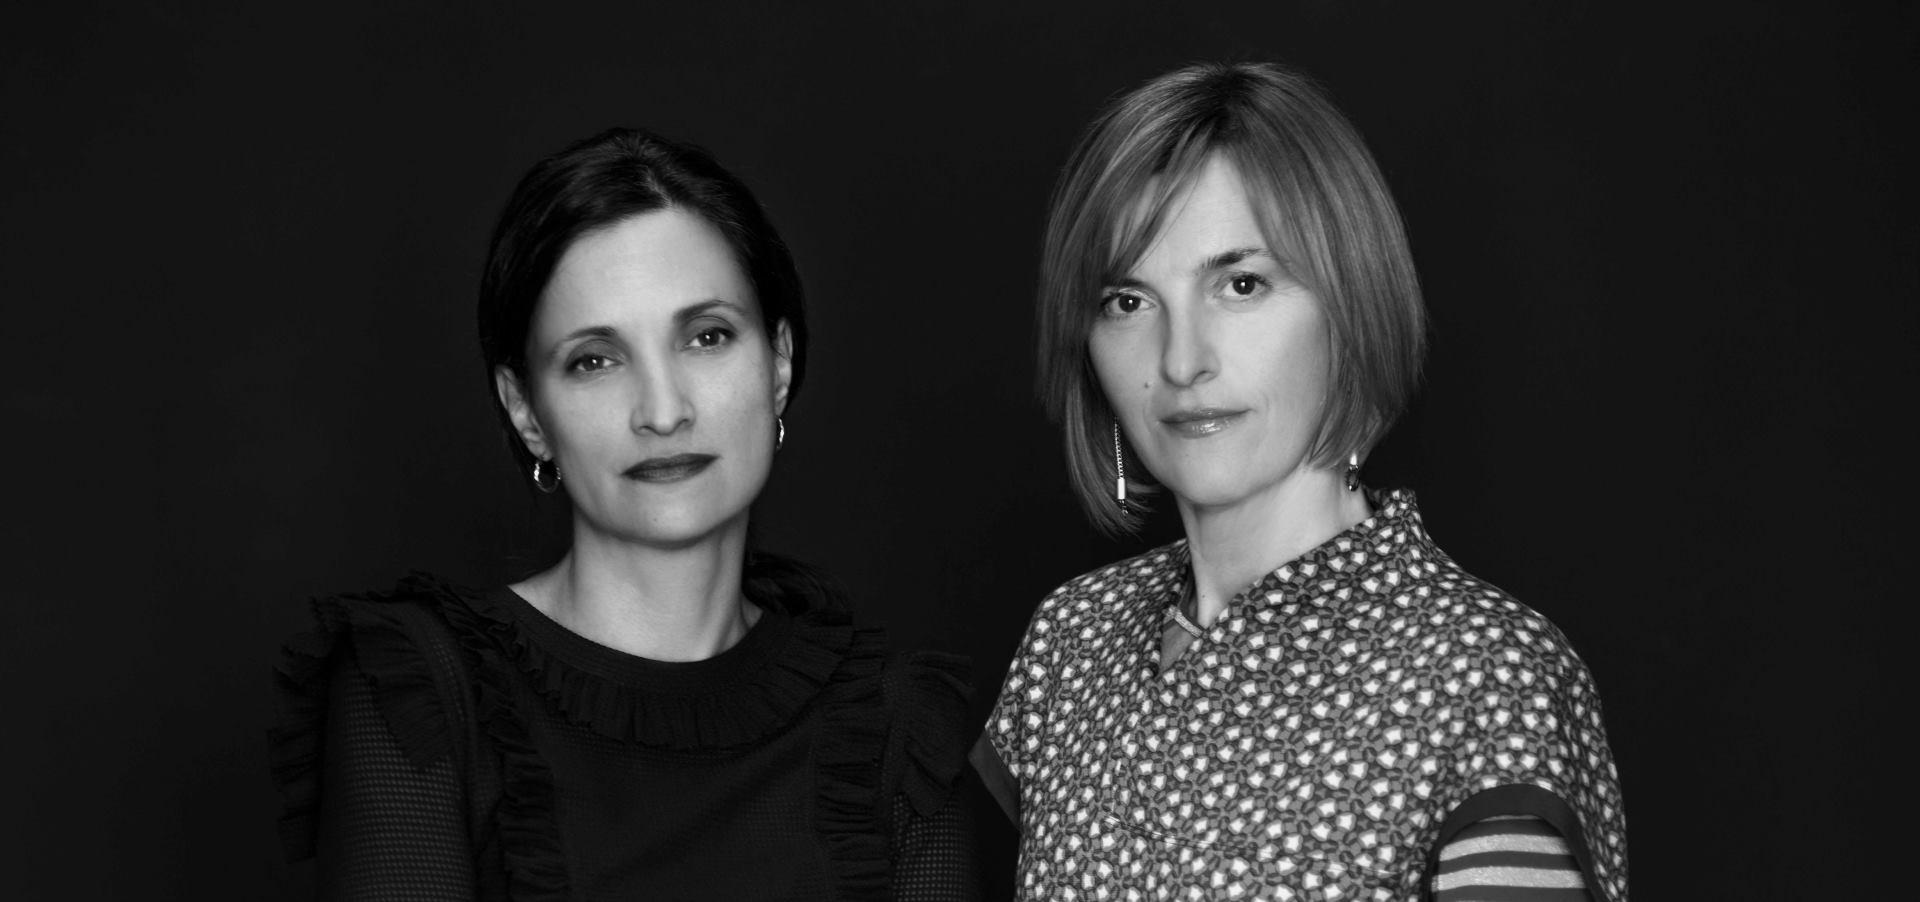 Uskoro se obilježava 20 godina djelovanja hrvatskog modnog imena I-GLE